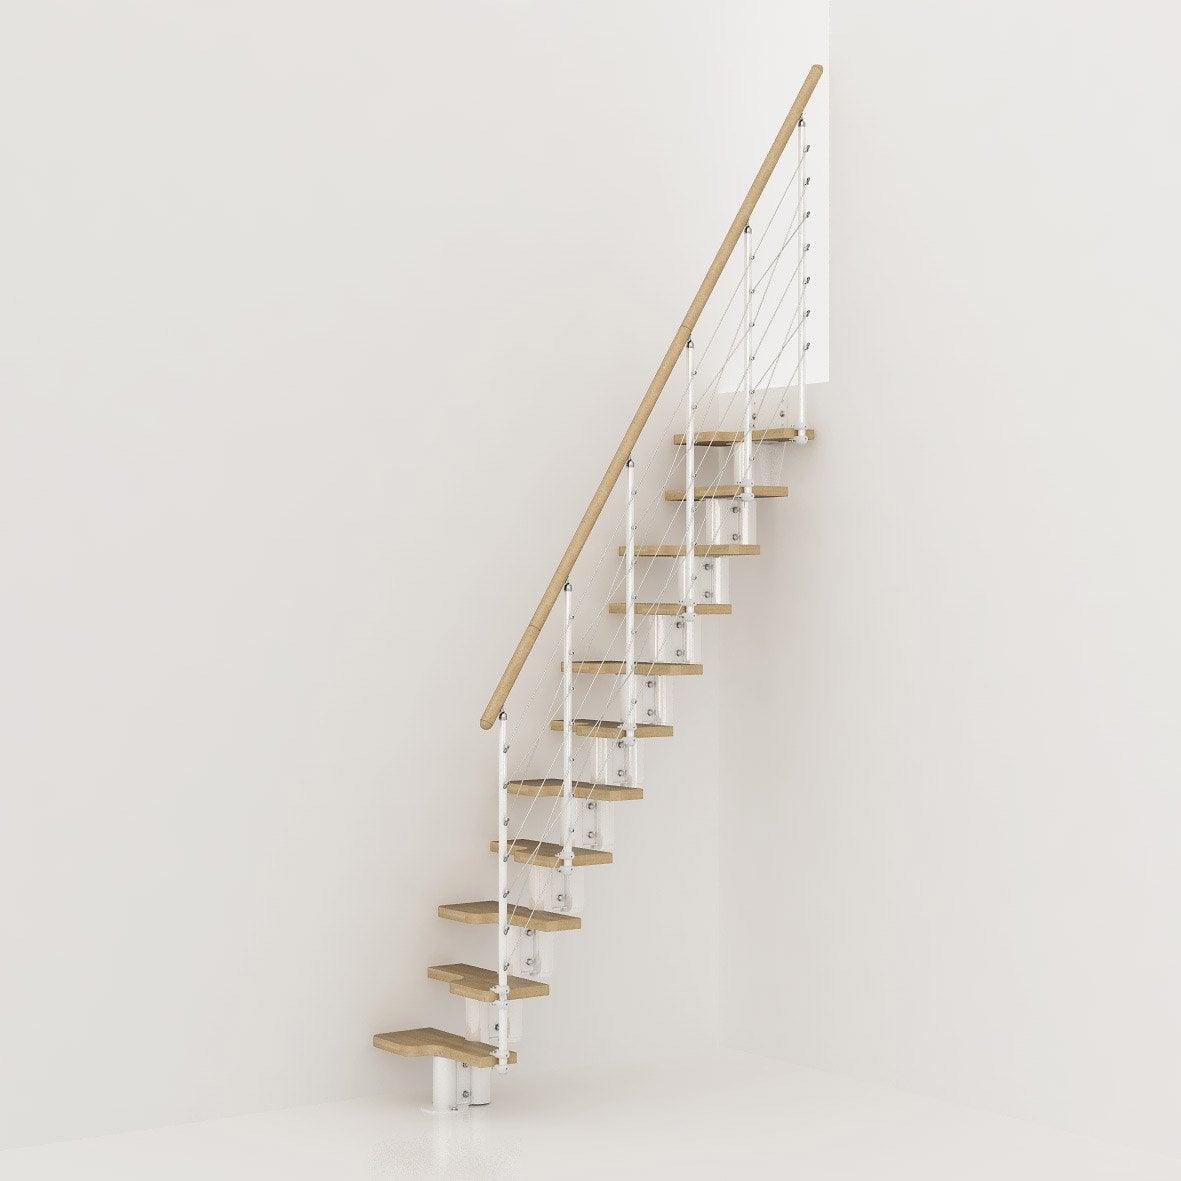 hauteur pour escalier mini line blanc bois clair leroy merlin. Black Bedroom Furniture Sets. Home Design Ideas